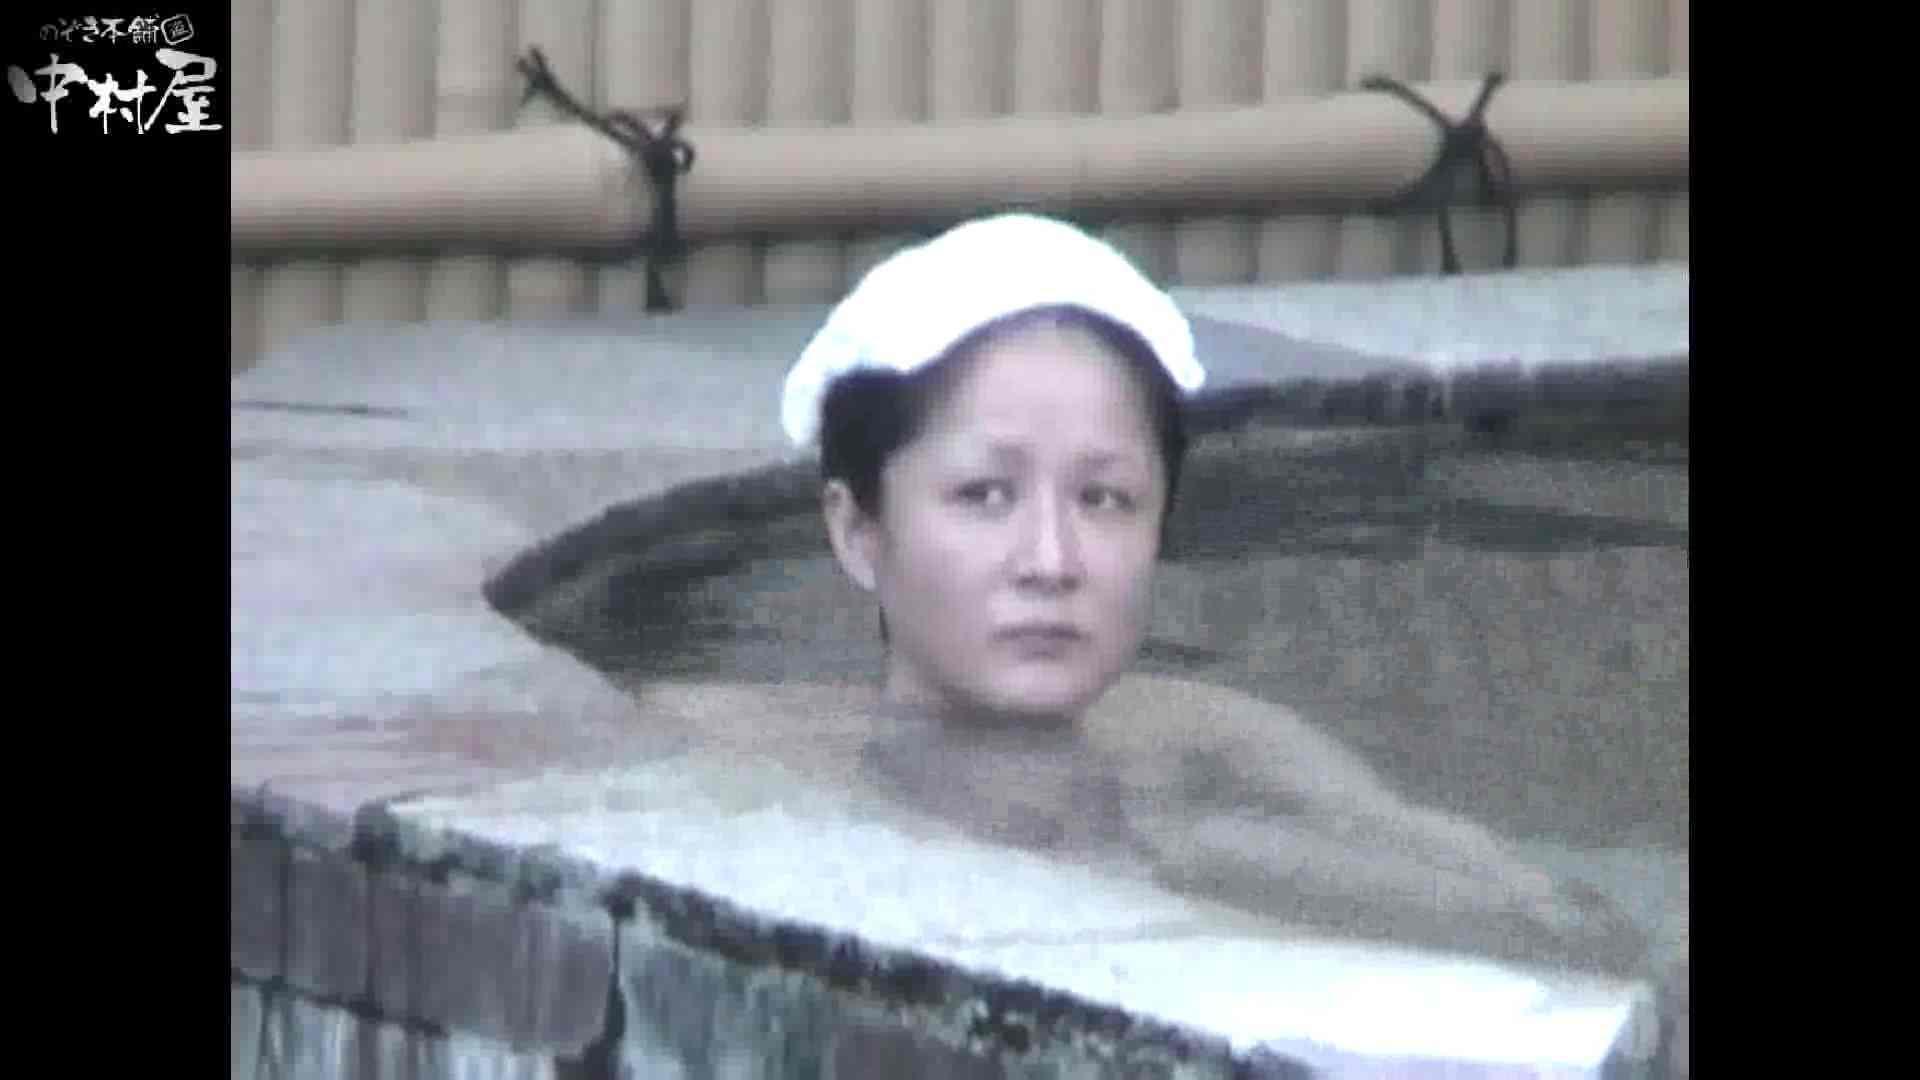 Aquaな露天風呂Vol.880潜入盗撮露天風呂十六判湯 其の六 盗撮シリーズ  91PIX 81